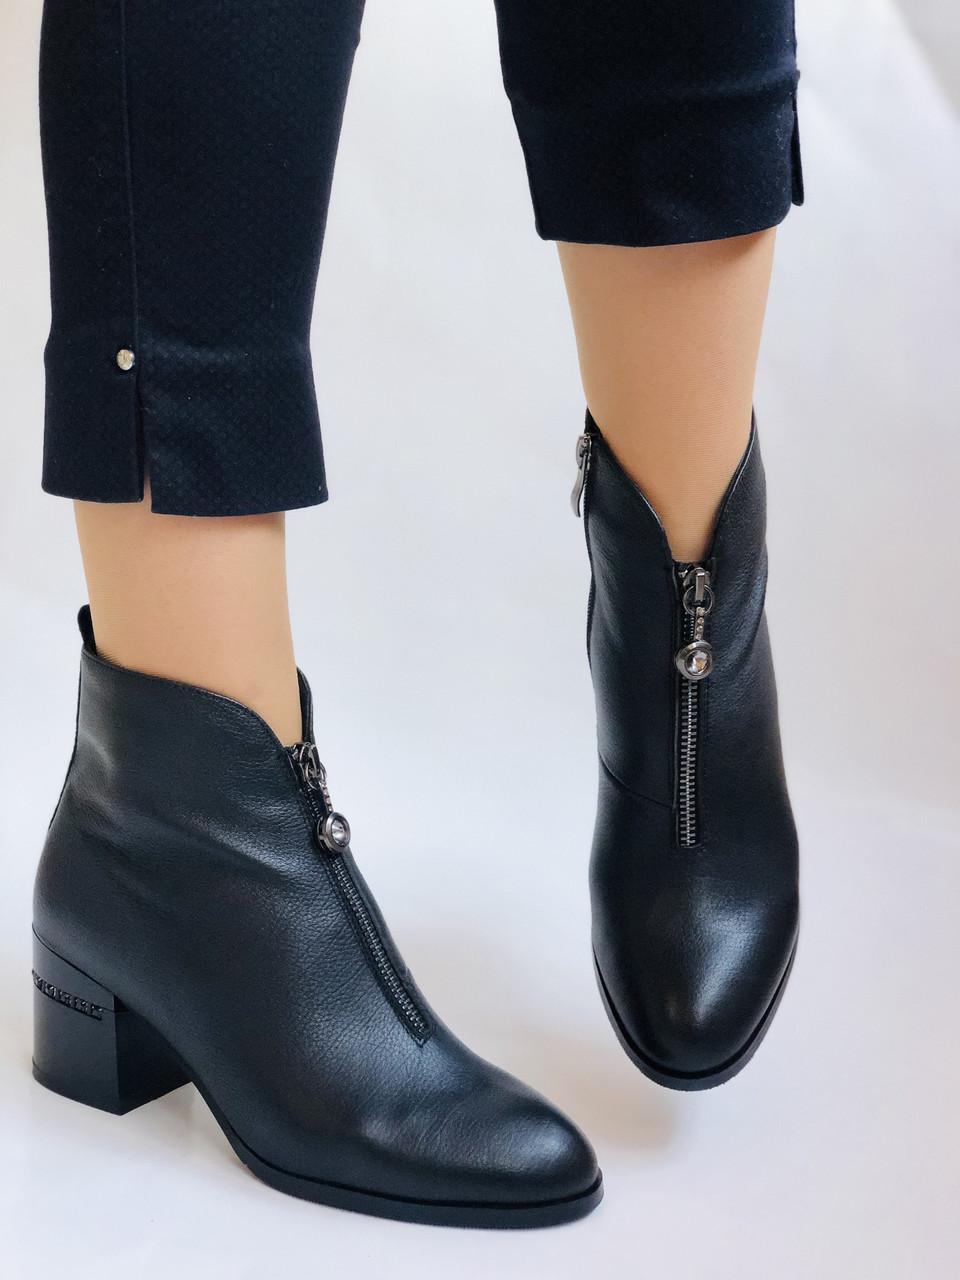 Женские демисезон. ботинки на среднем каблуке. Натуральная кожа.Высокое качество. Р.  34,35,37,38 Lottini